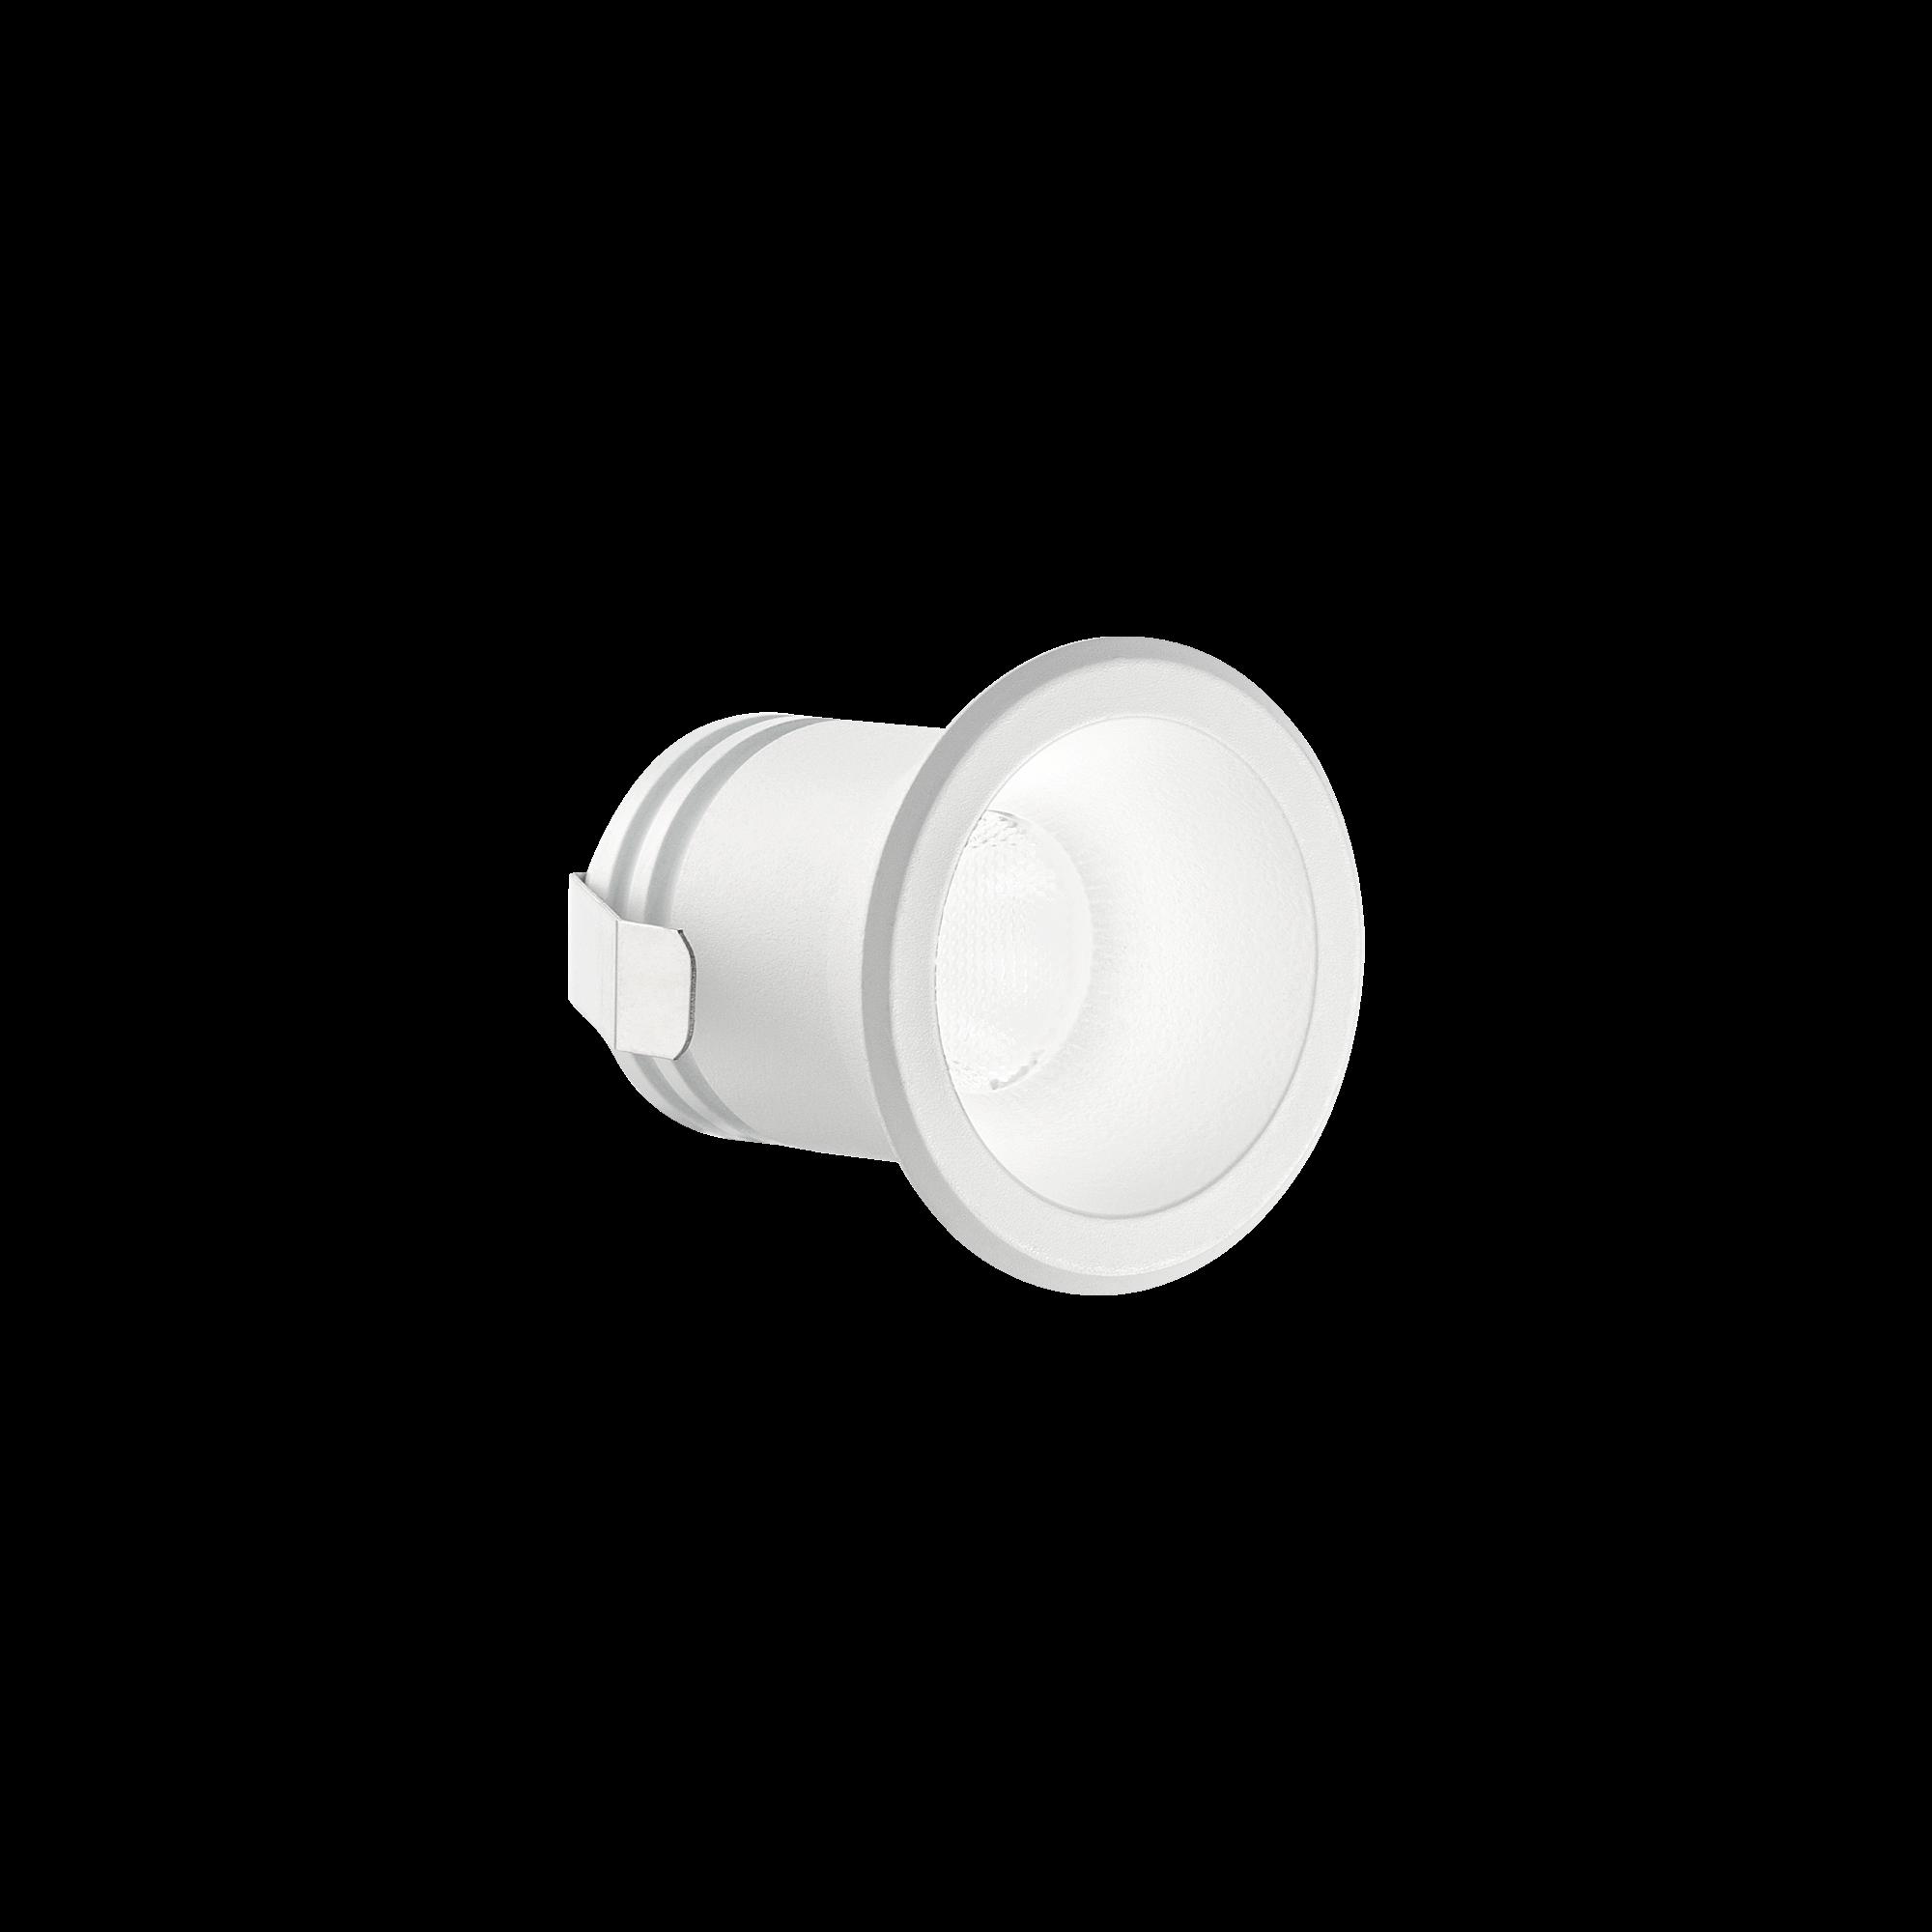 IdealLux 244808 VIRUS venkovní zápustné svítidlo 3W 210lm 3000K IP20 bílá